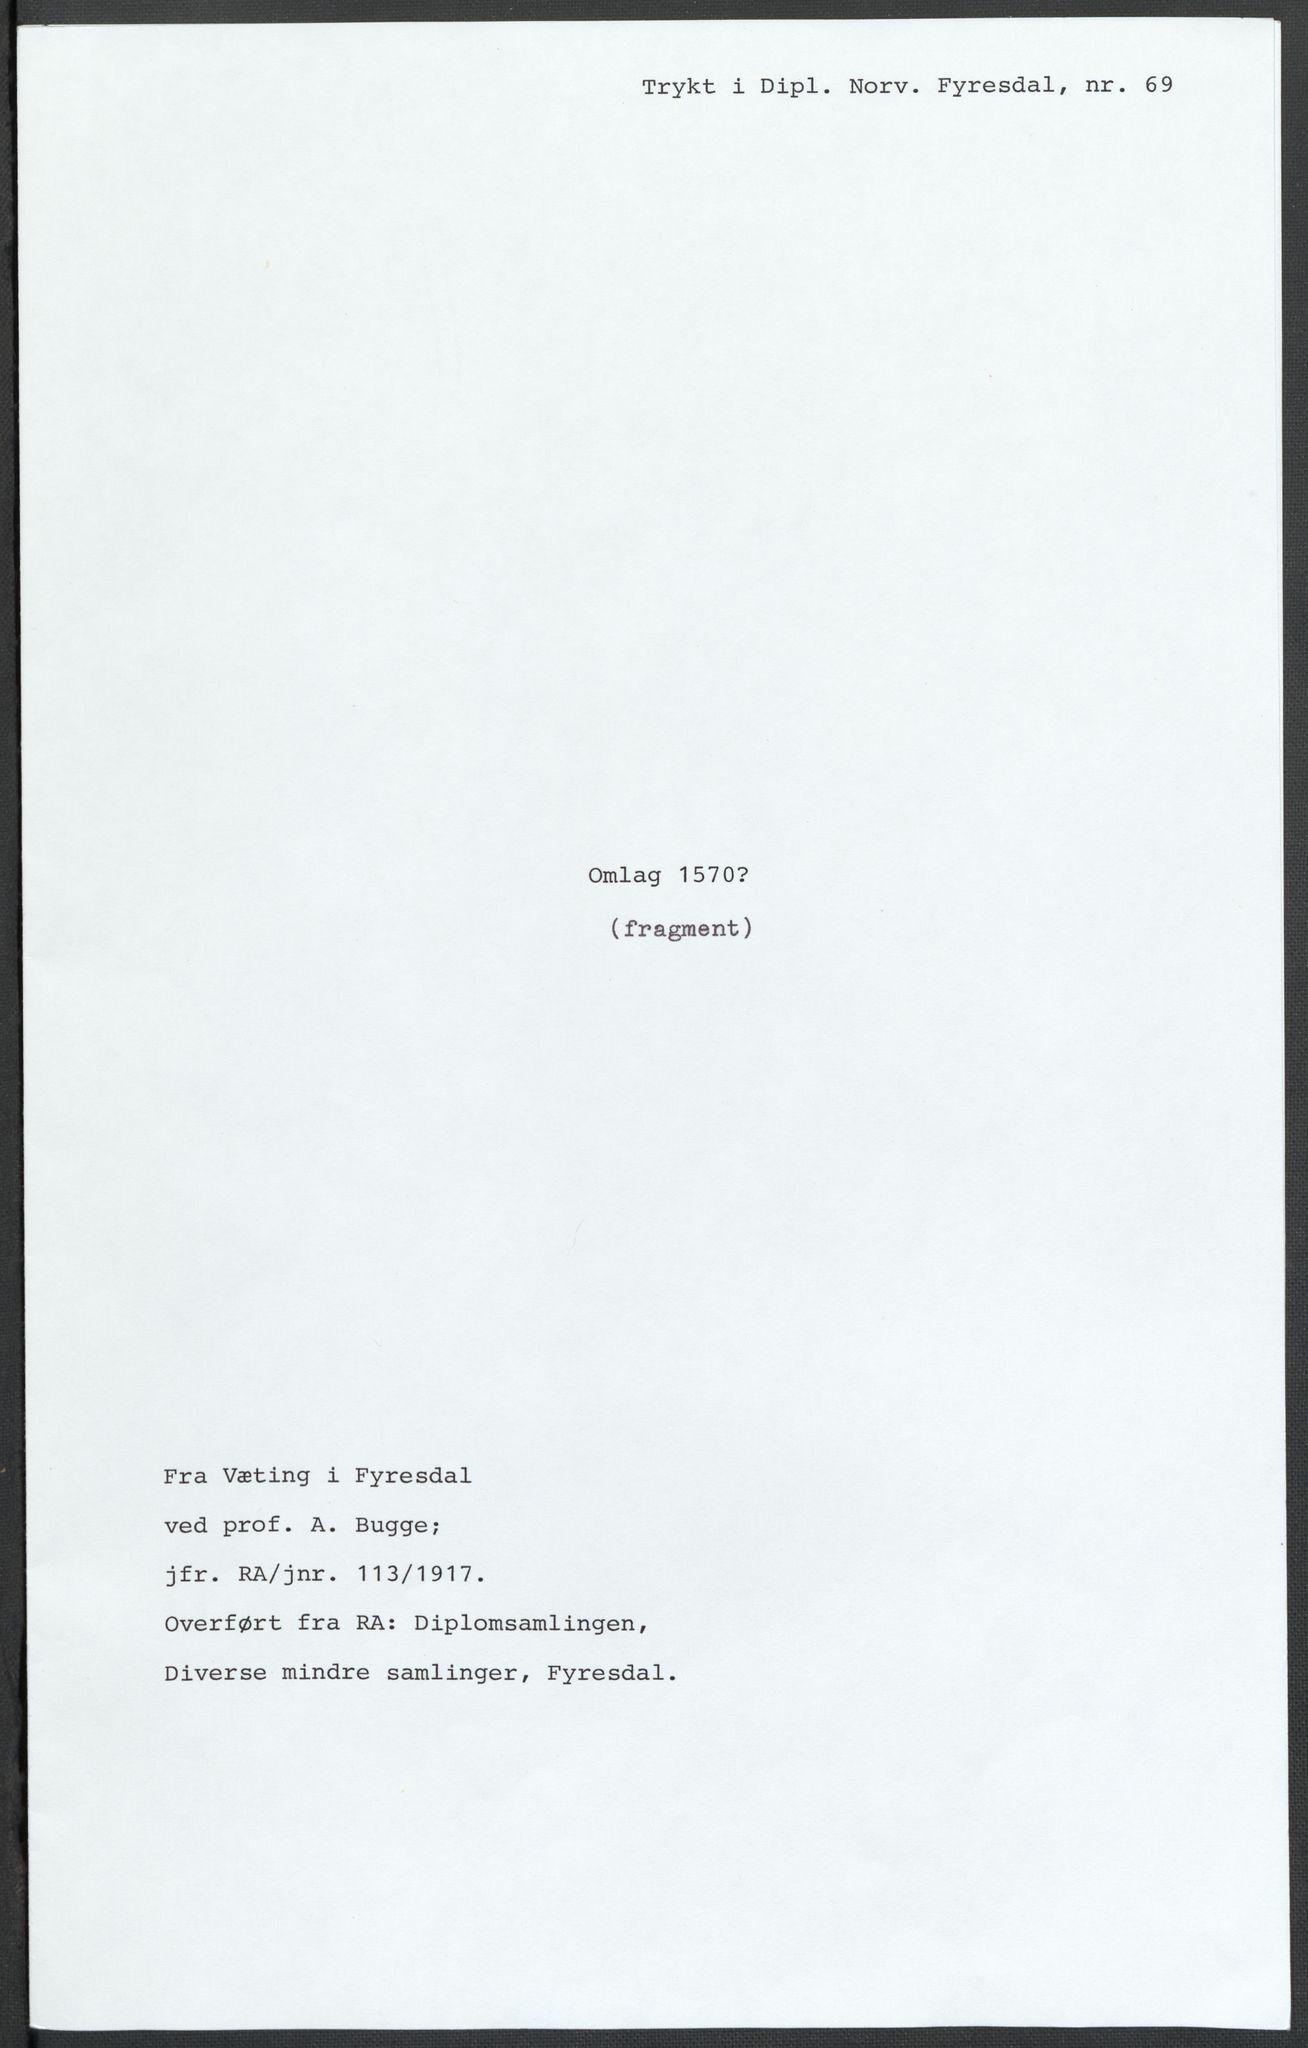 RA, Riksarkivets diplomsamling, F02/L0075: Dokumenter, 1570-1571, s. 51